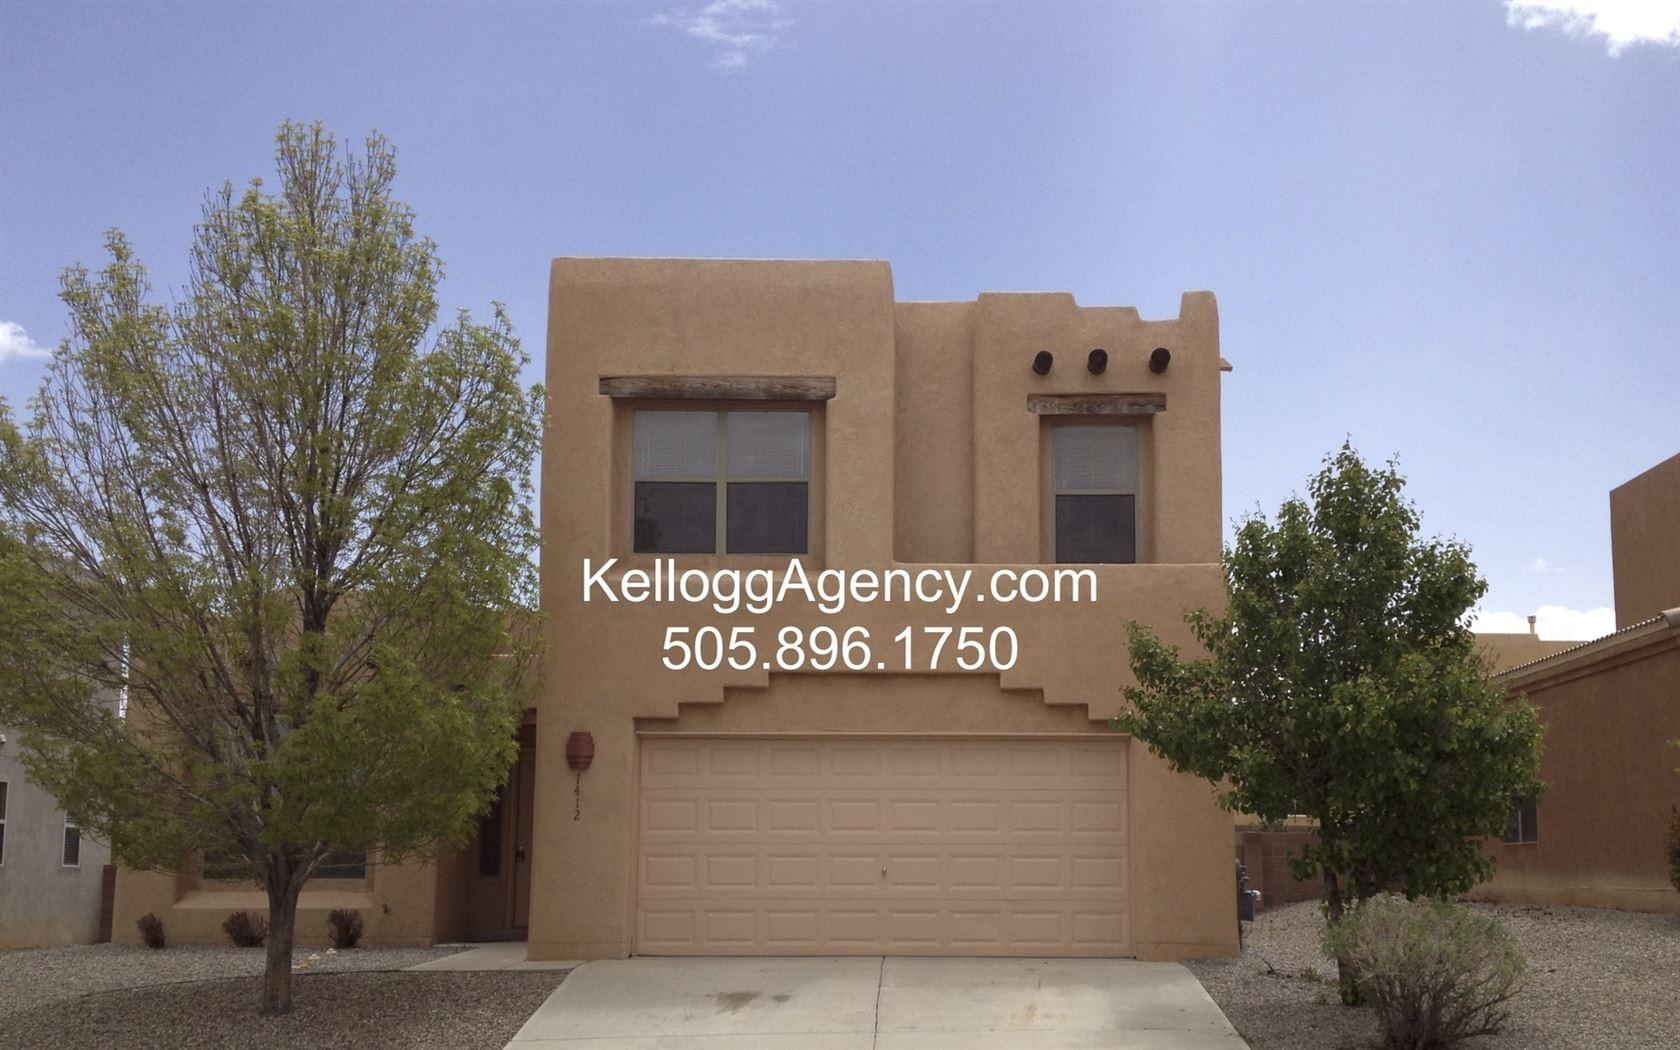 7412 Carbondale Ct NW Albuquerque NM 87114 3 Bedroom